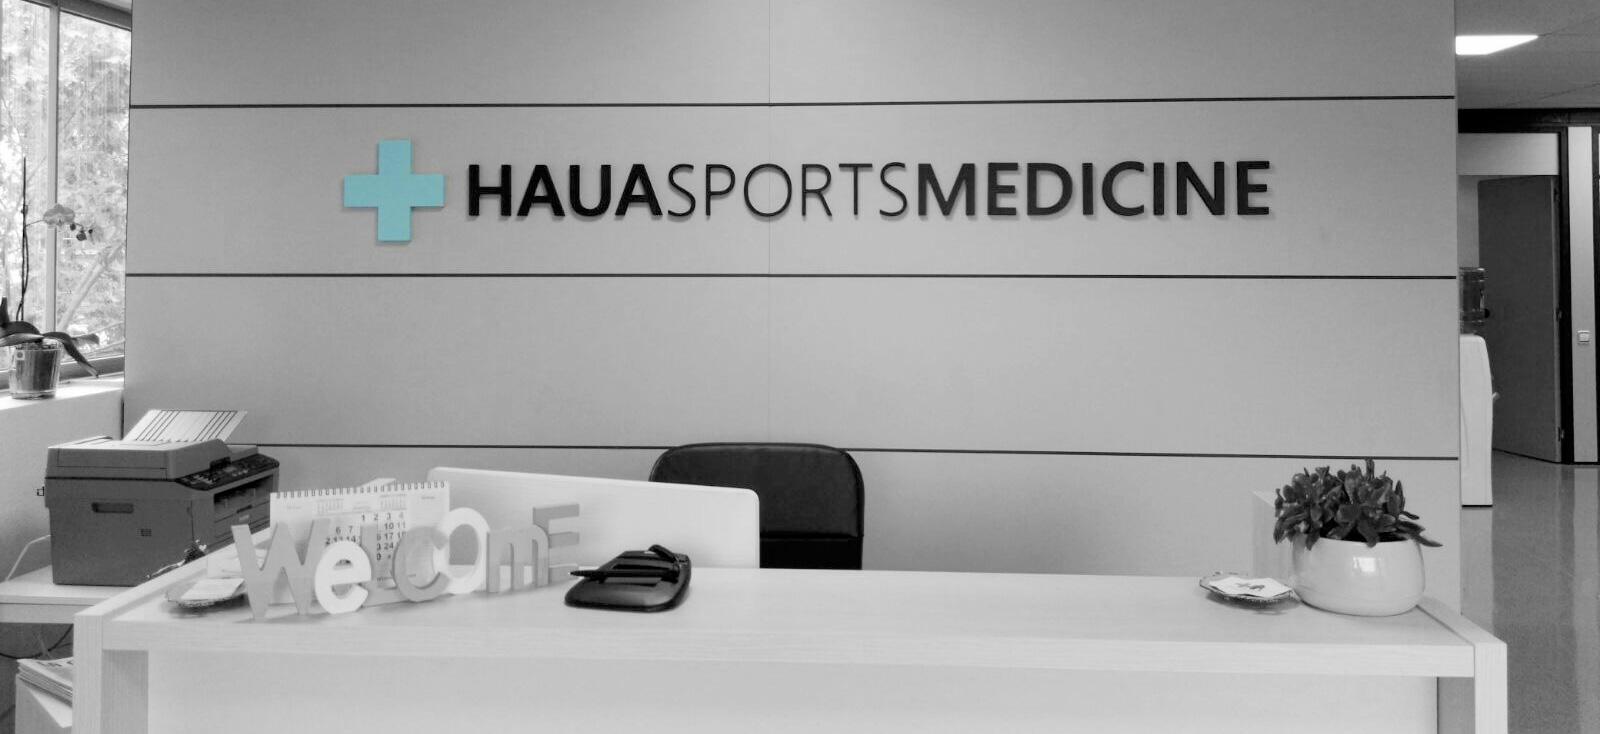 entrada-hauasportsmedicine